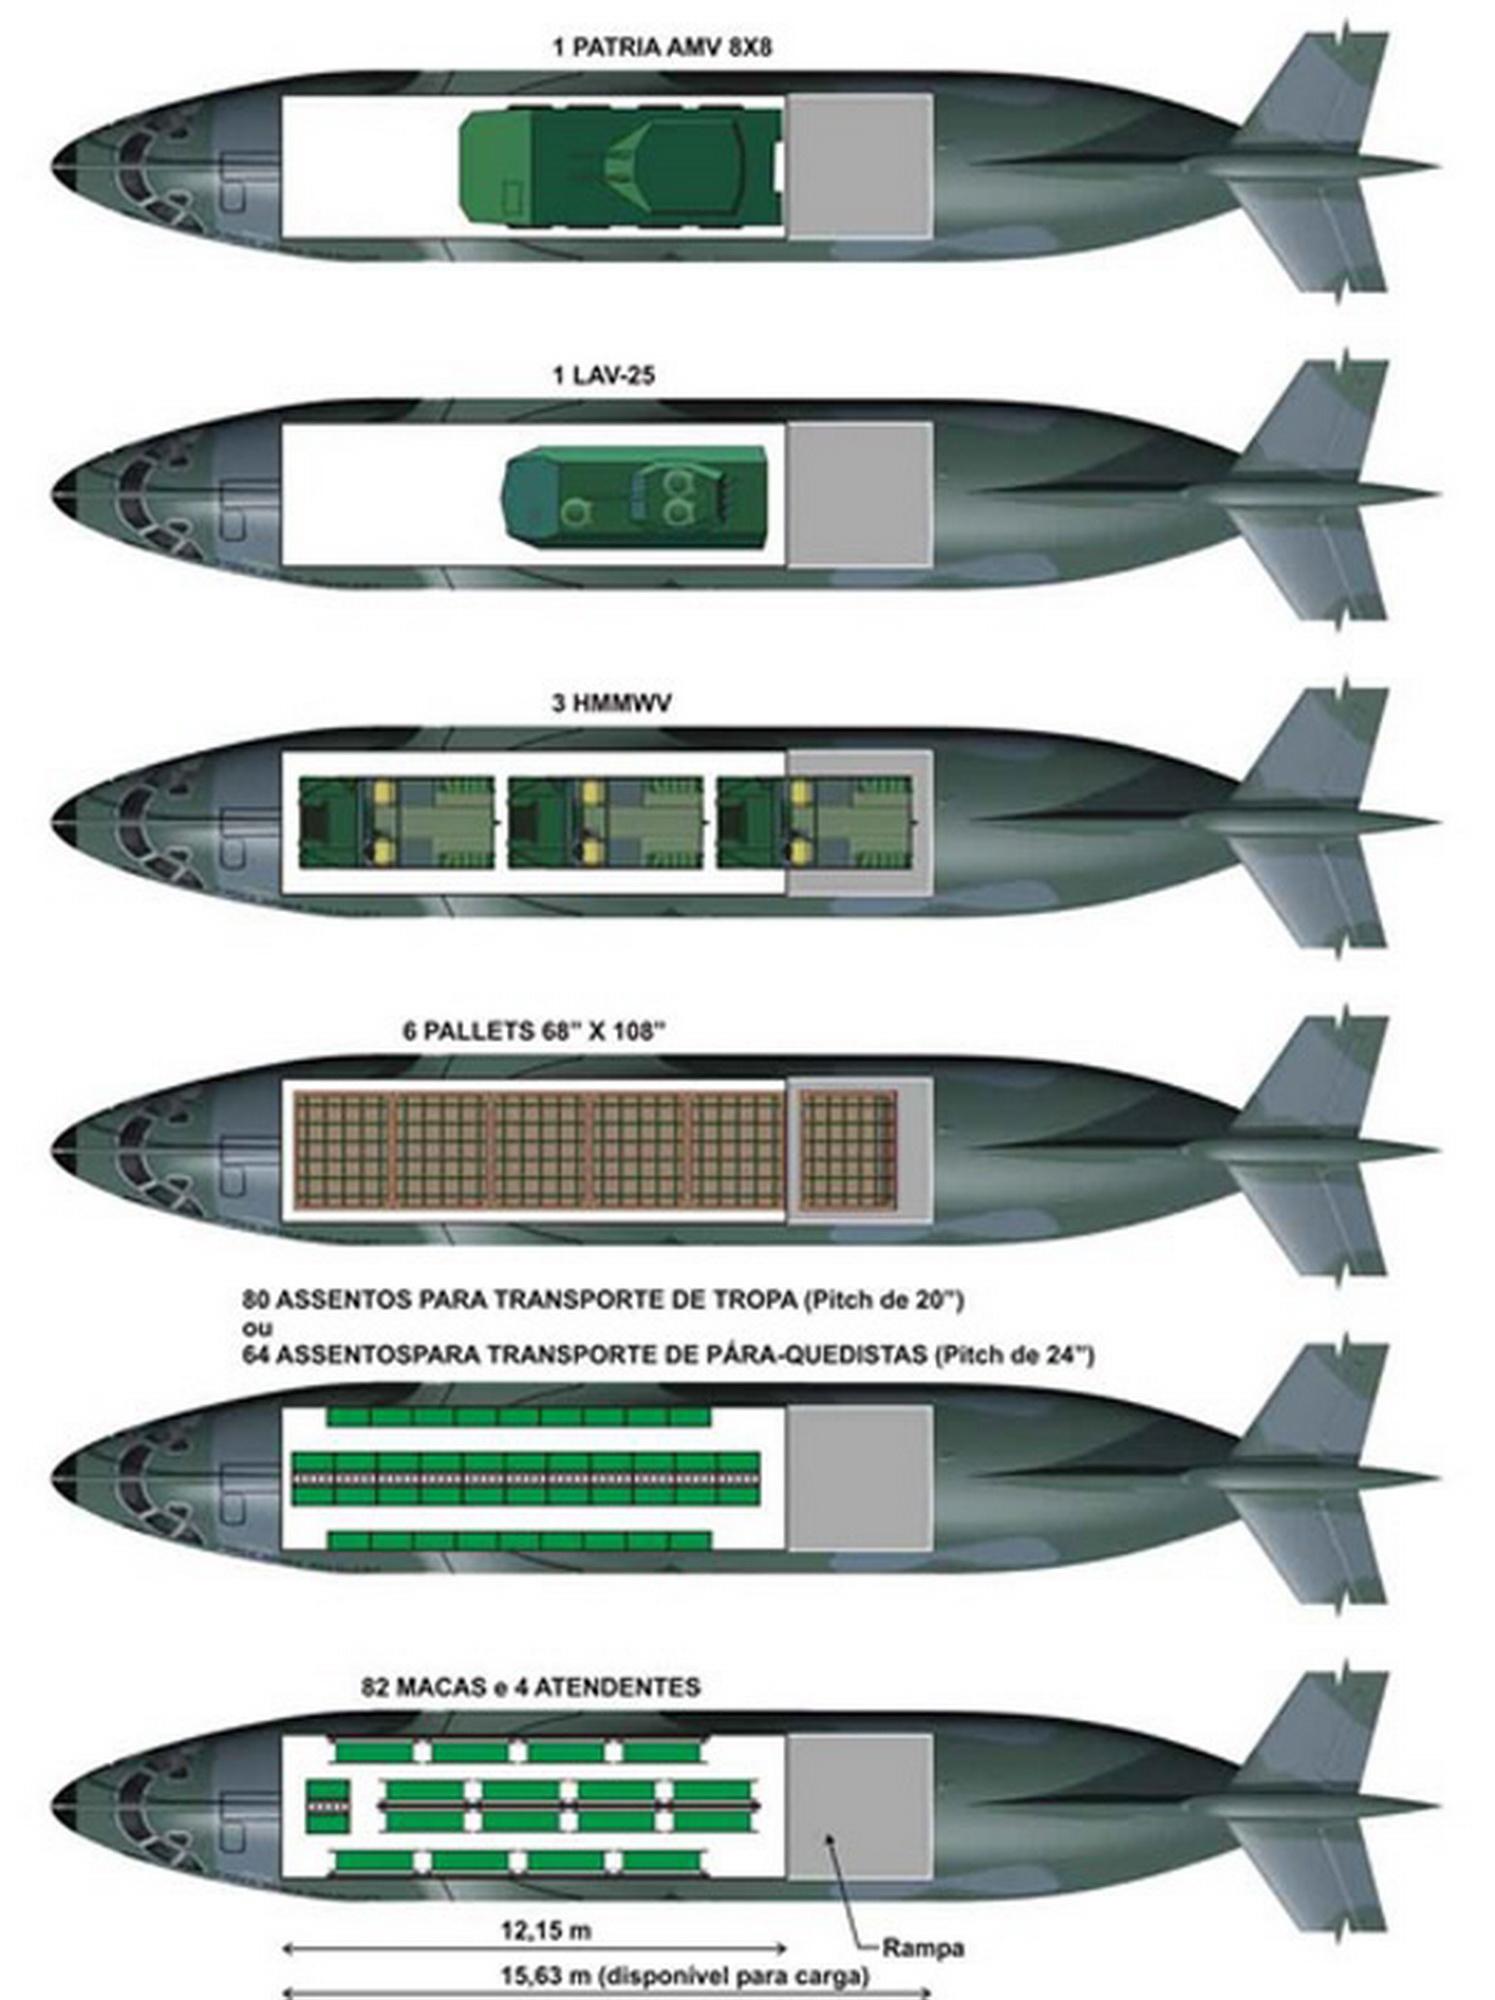 kc-390_cargo.jpg